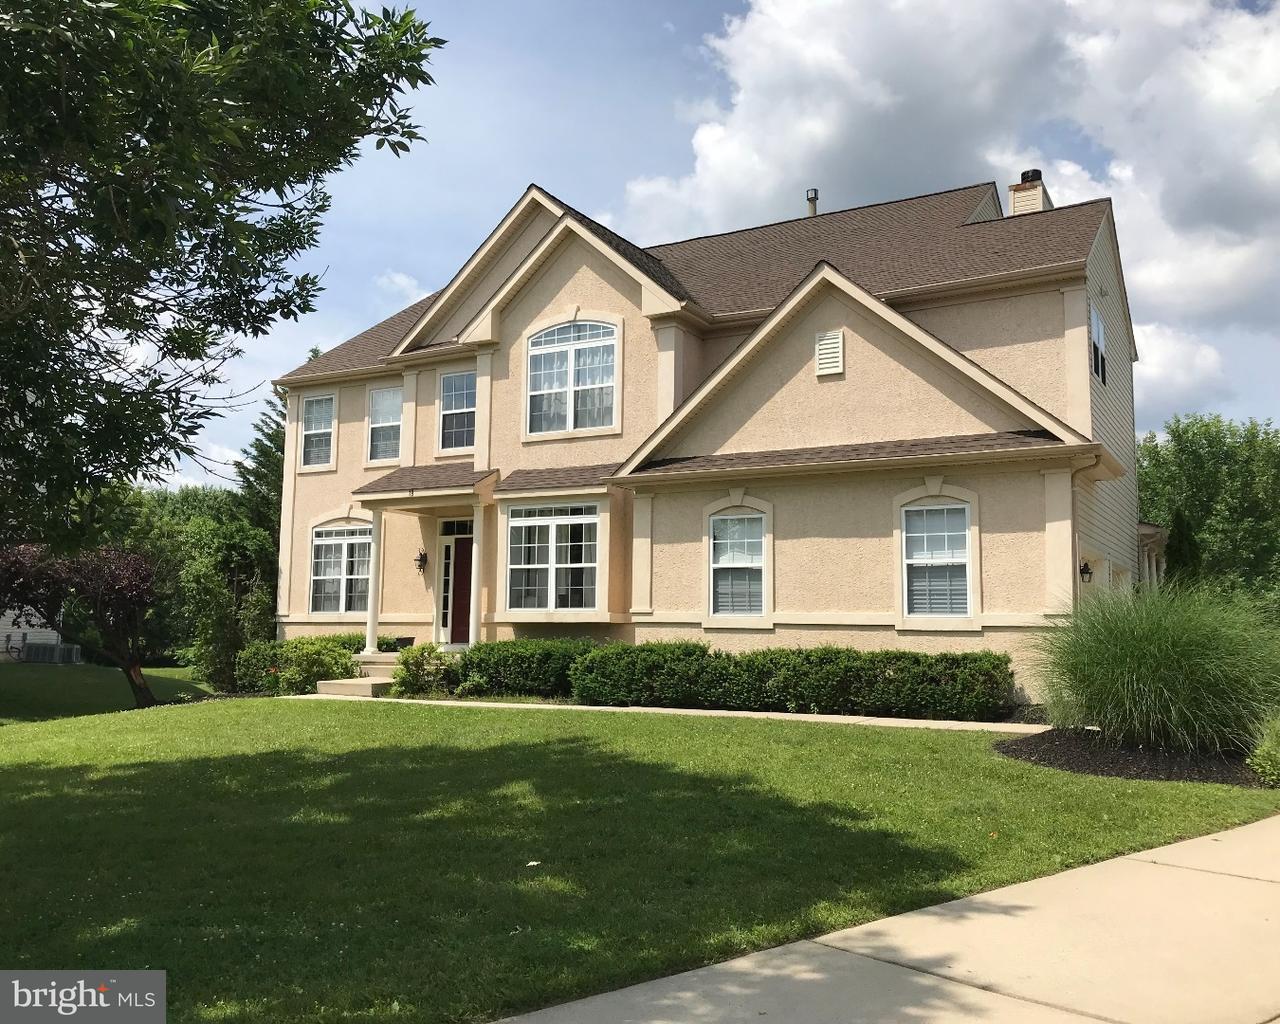 Casa Unifamiliar por un Venta en 19 ARMSTRONG Drive Cinnaminson, Nueva Jersey 08077 Estados Unidos